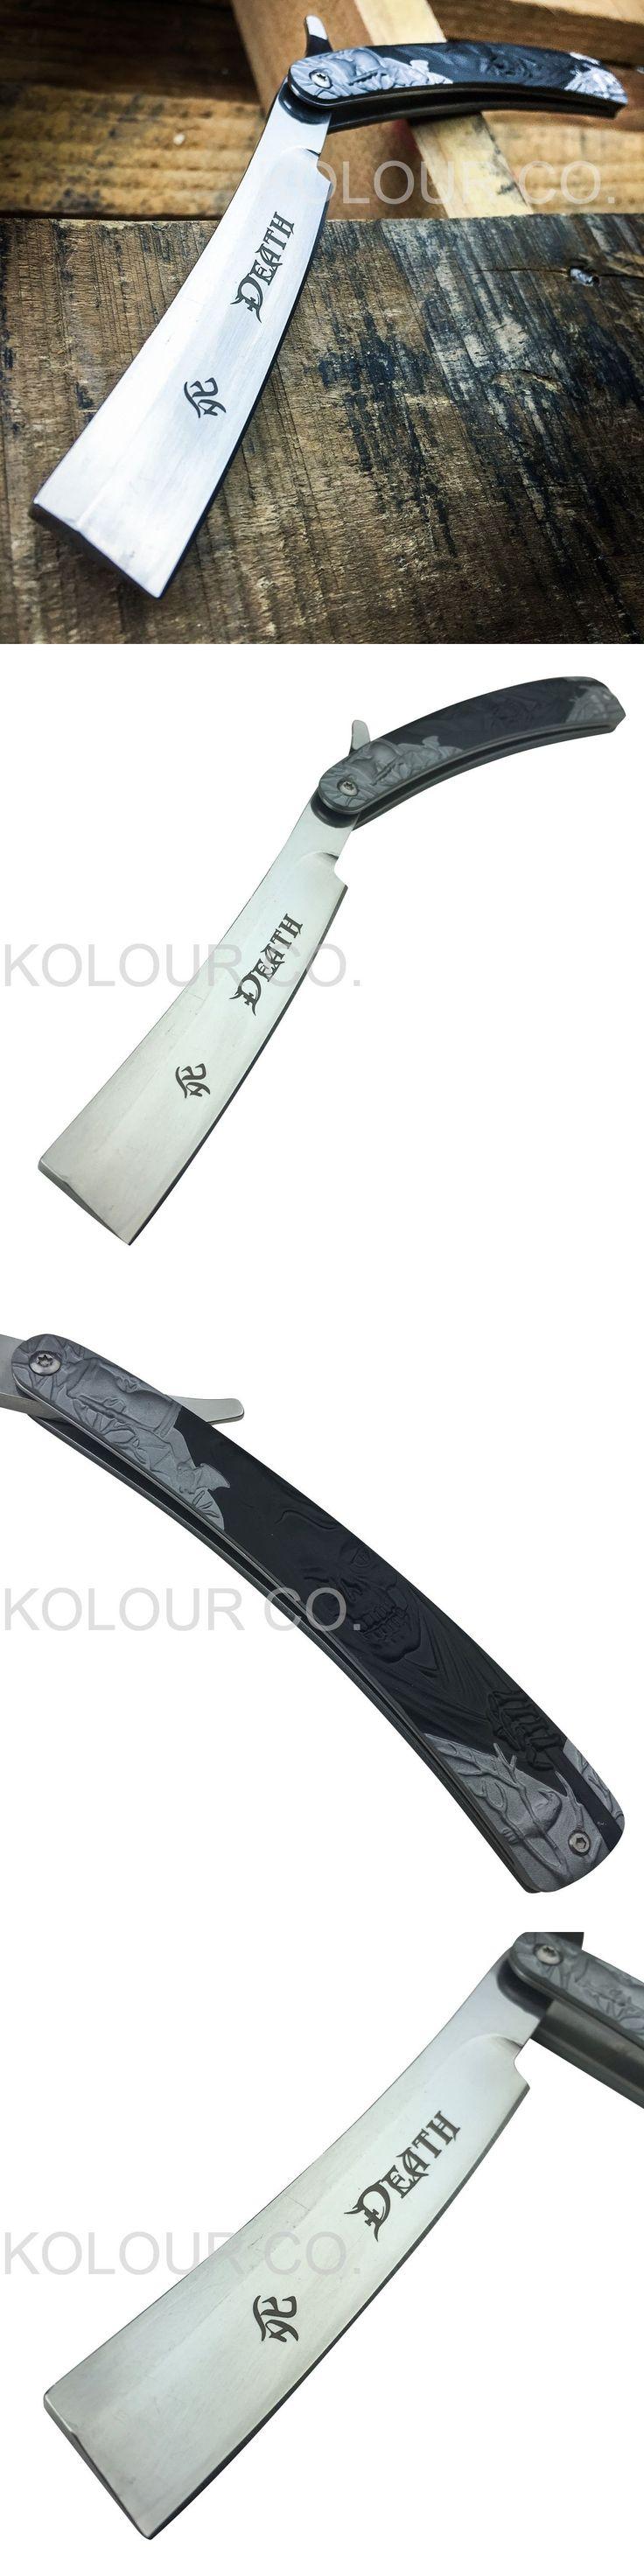 Straight Razors: Grim Reaper Straight Blade Barber Razor Folding Pocket Knife Shaving Cut Throat BUY IT NOW ONLY: $49.95